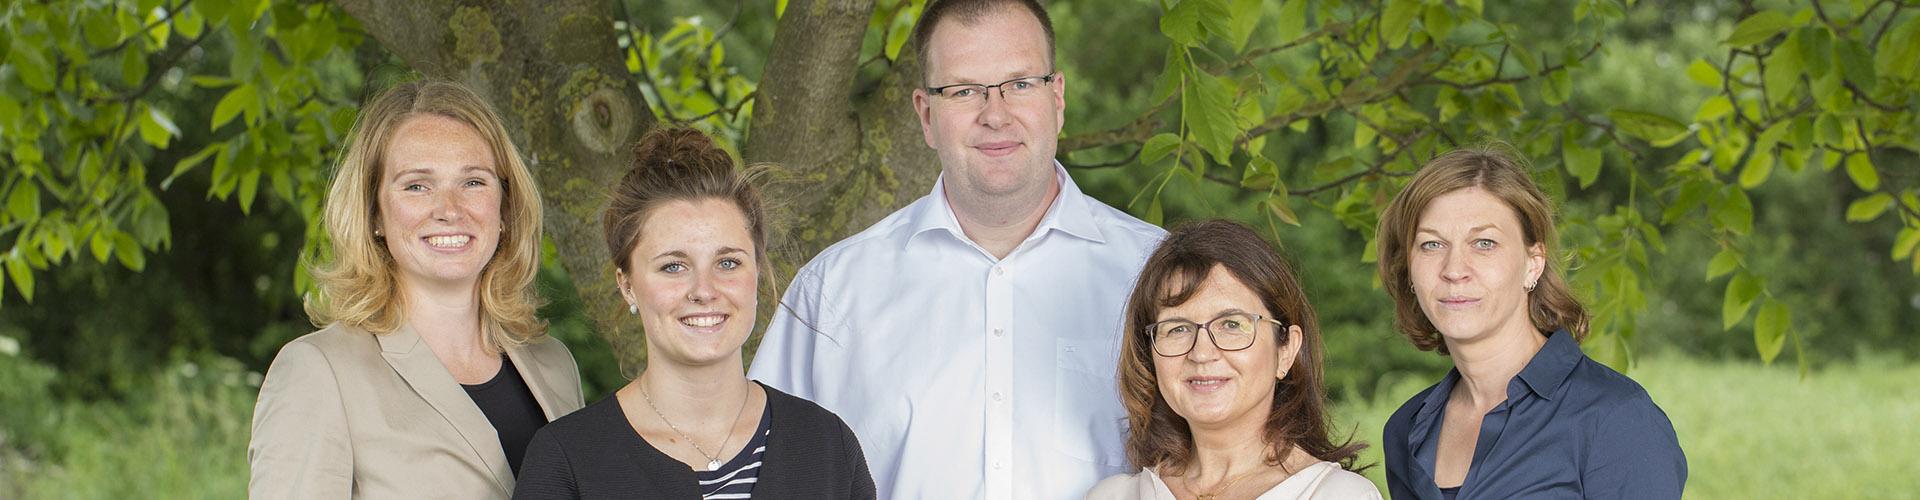 Teambild der Hagemann Dienste GmbH